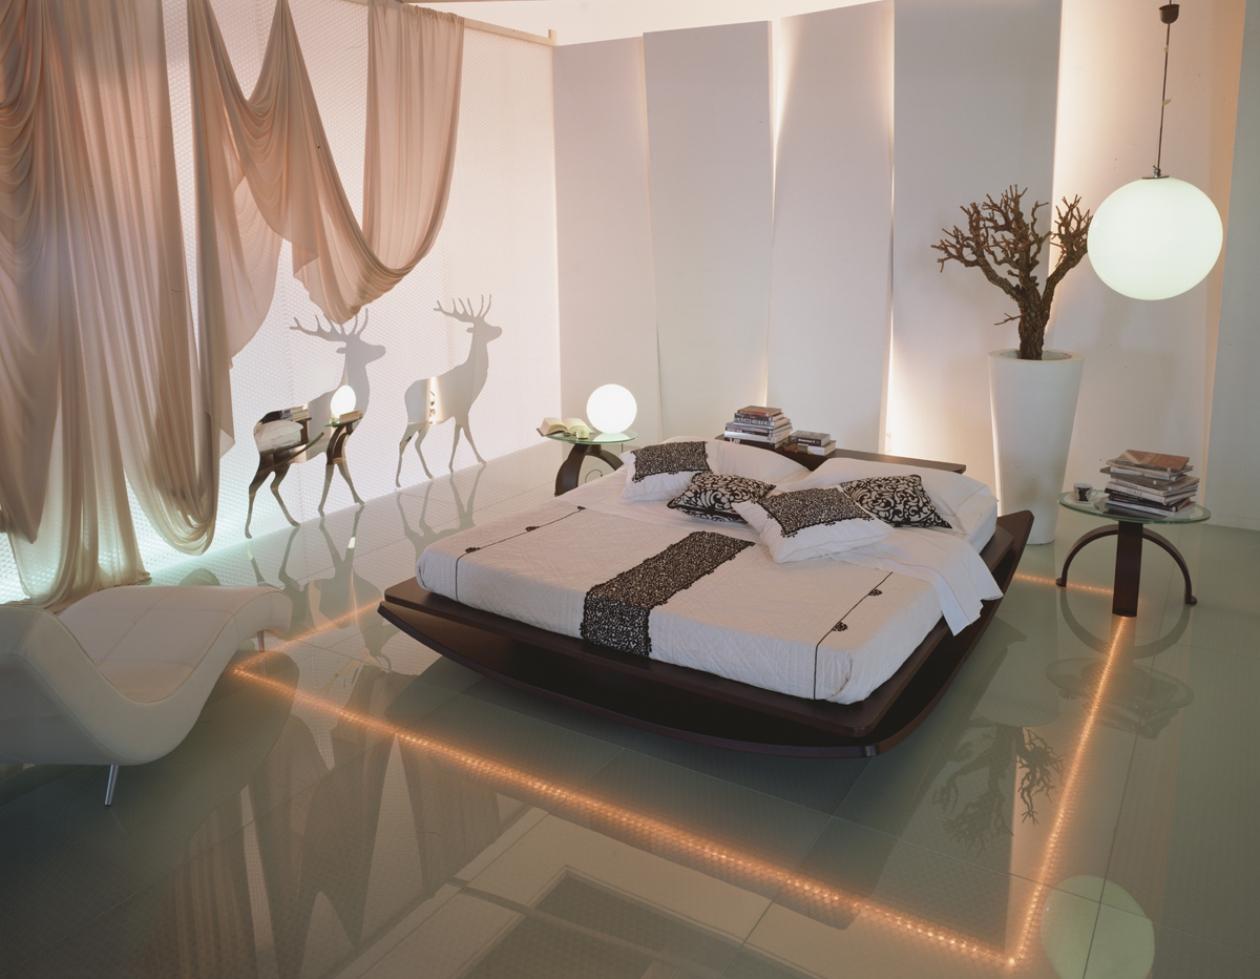 تصاميم غريبة لكن انيقة لغرف النوم  297486